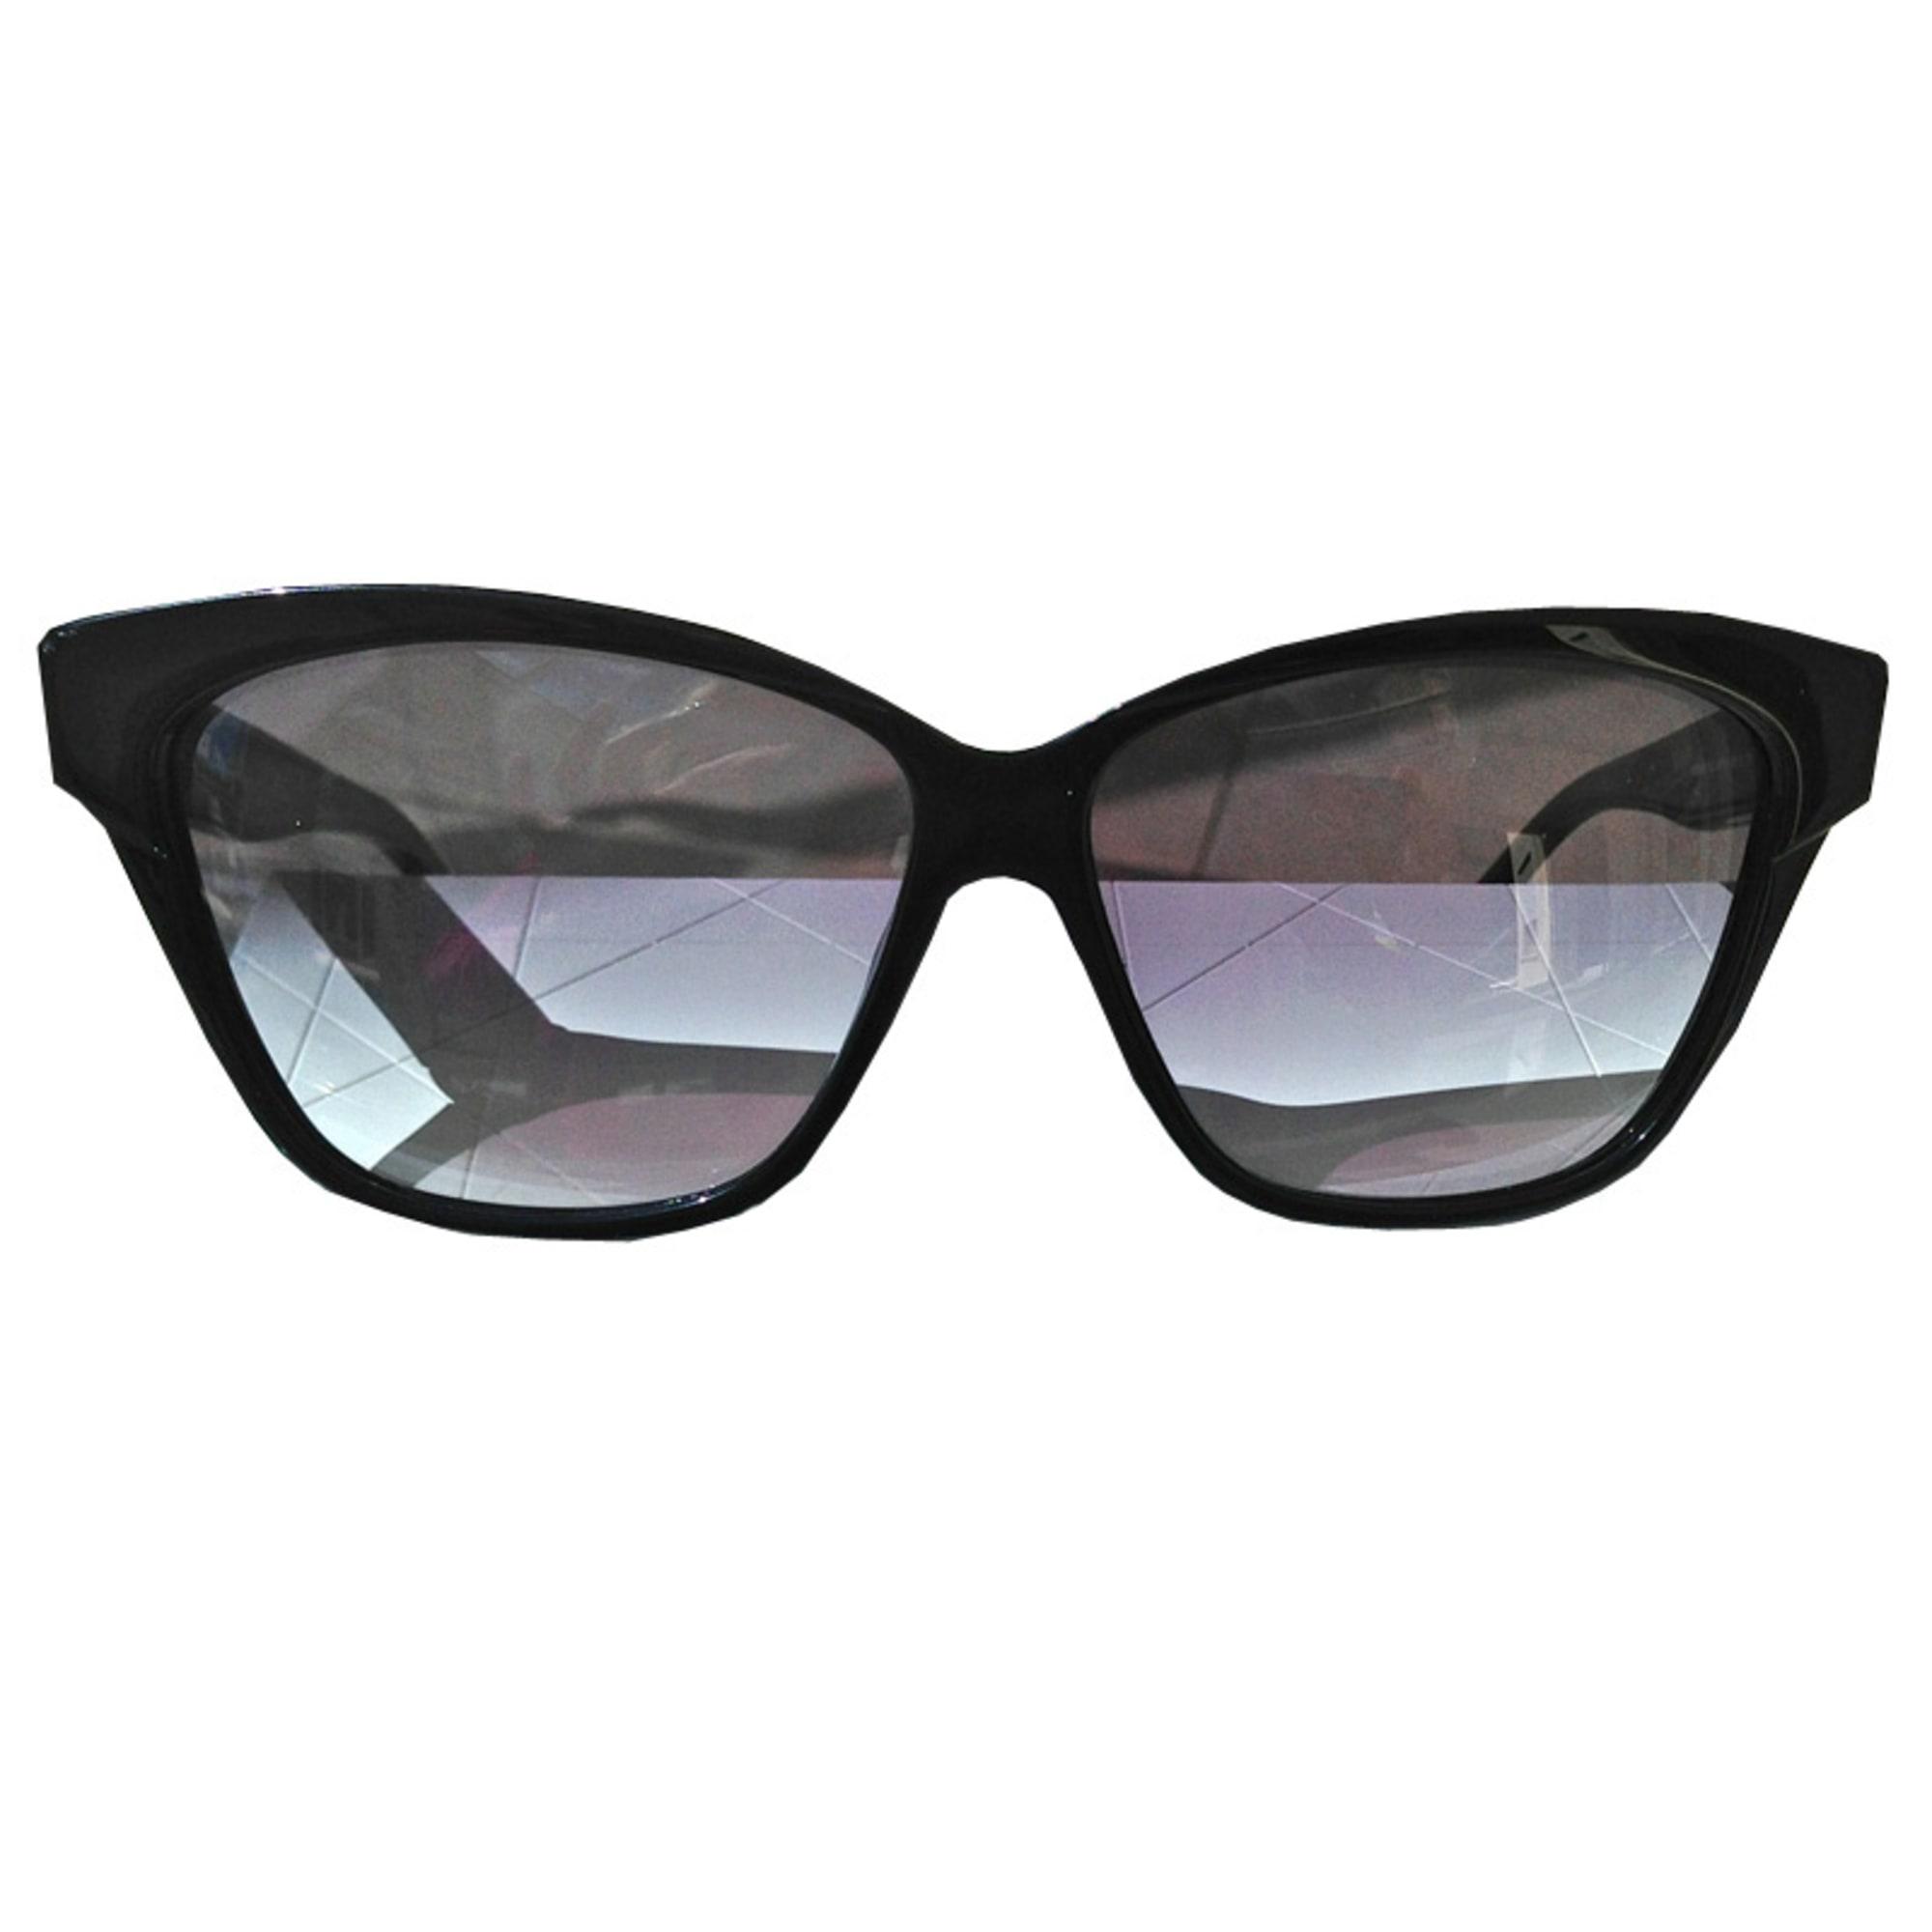 204cd1d0498148 Lunettes de soleil DIOR noir vendu par Boîte aux trésors - 1490260